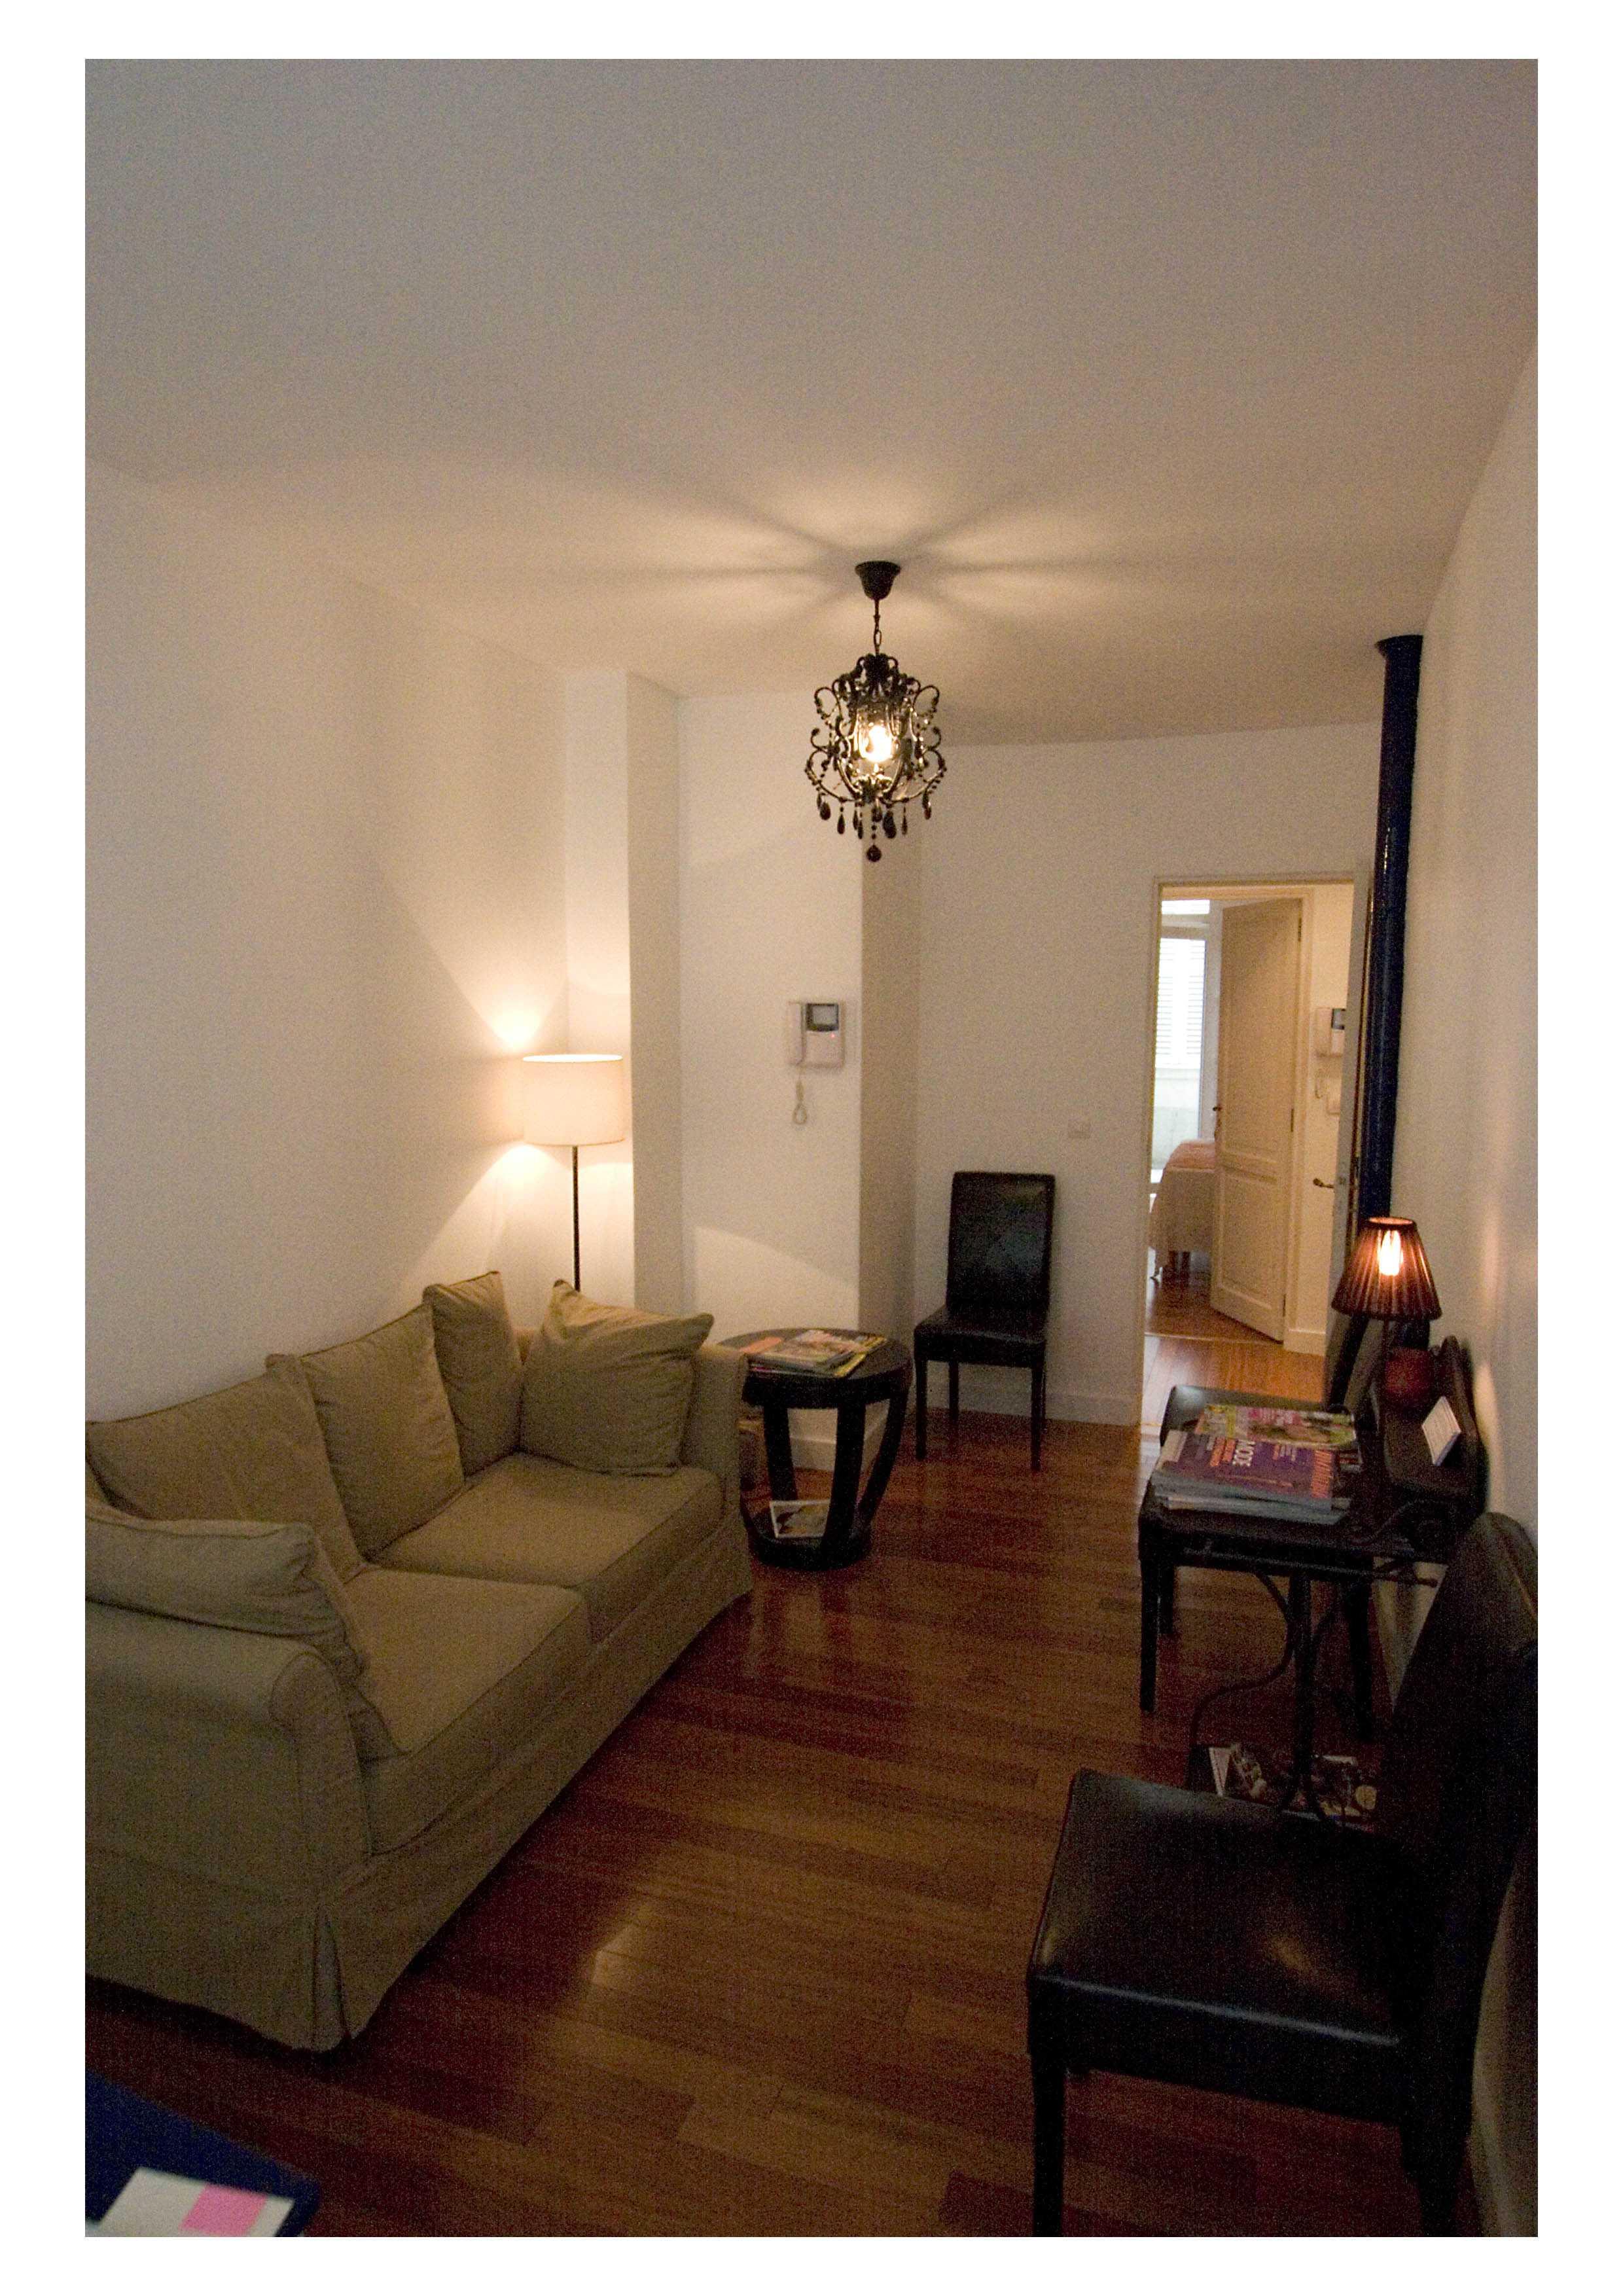 location cabinet param dical petites annonces th rapies int gratives et compl mentaires. Black Bedroom Furniture Sets. Home Design Ideas